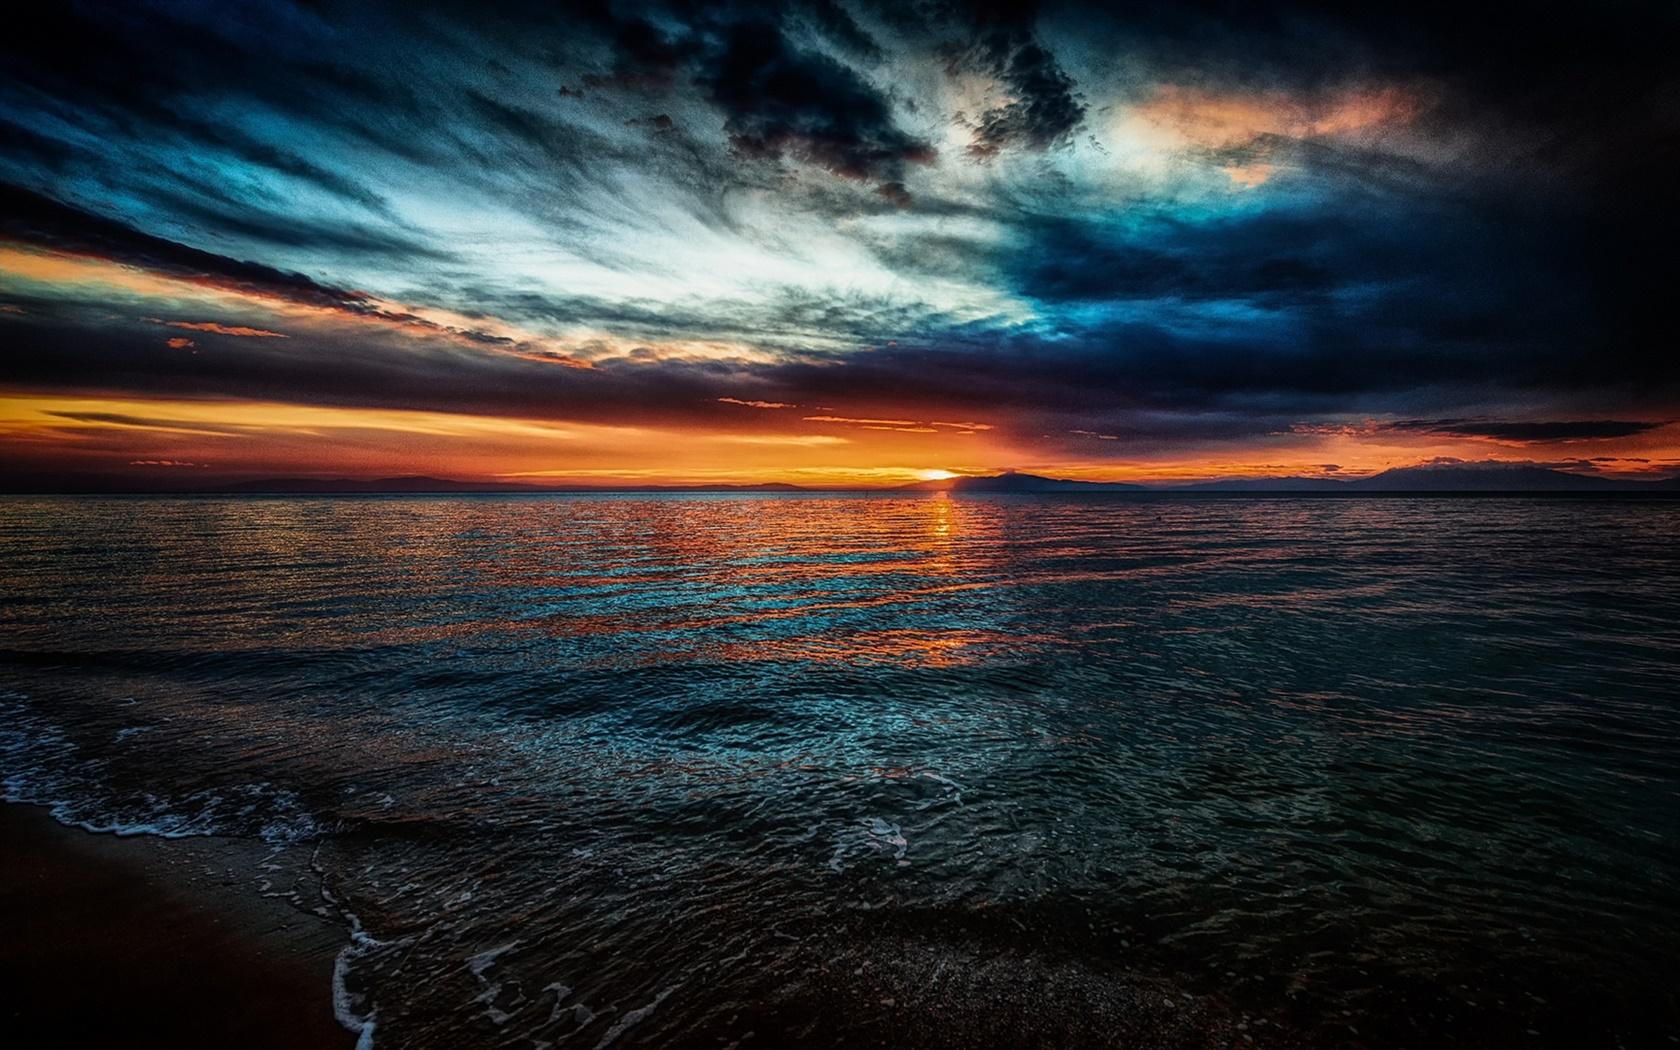 美しい風景 夕日 海 波 雲 夕暮れ デスクトップの壁紙 1680x1050 壁紙をダウンロード Ja Hdwall365 Com